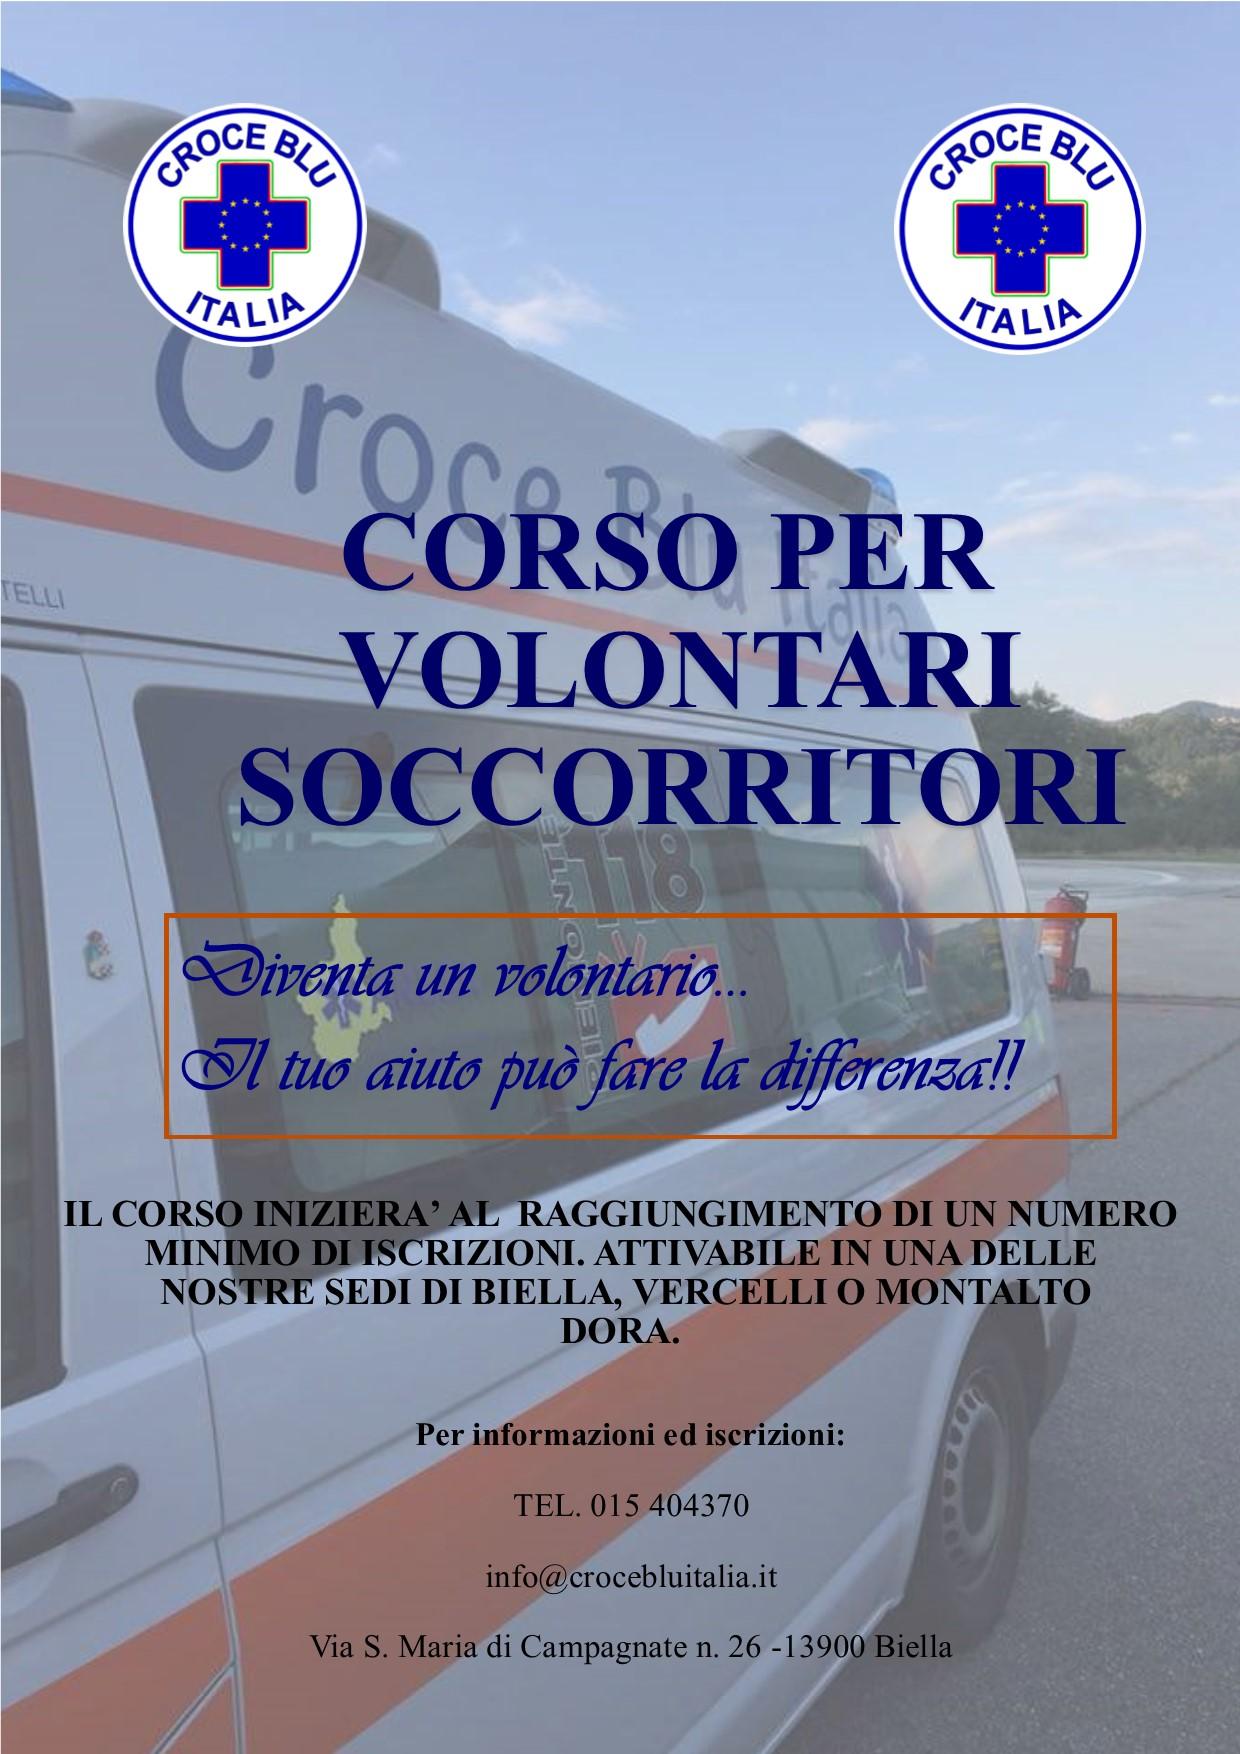 immagine notiziaAvvio nuovo corso di formazione per volontari-soccorritori 118